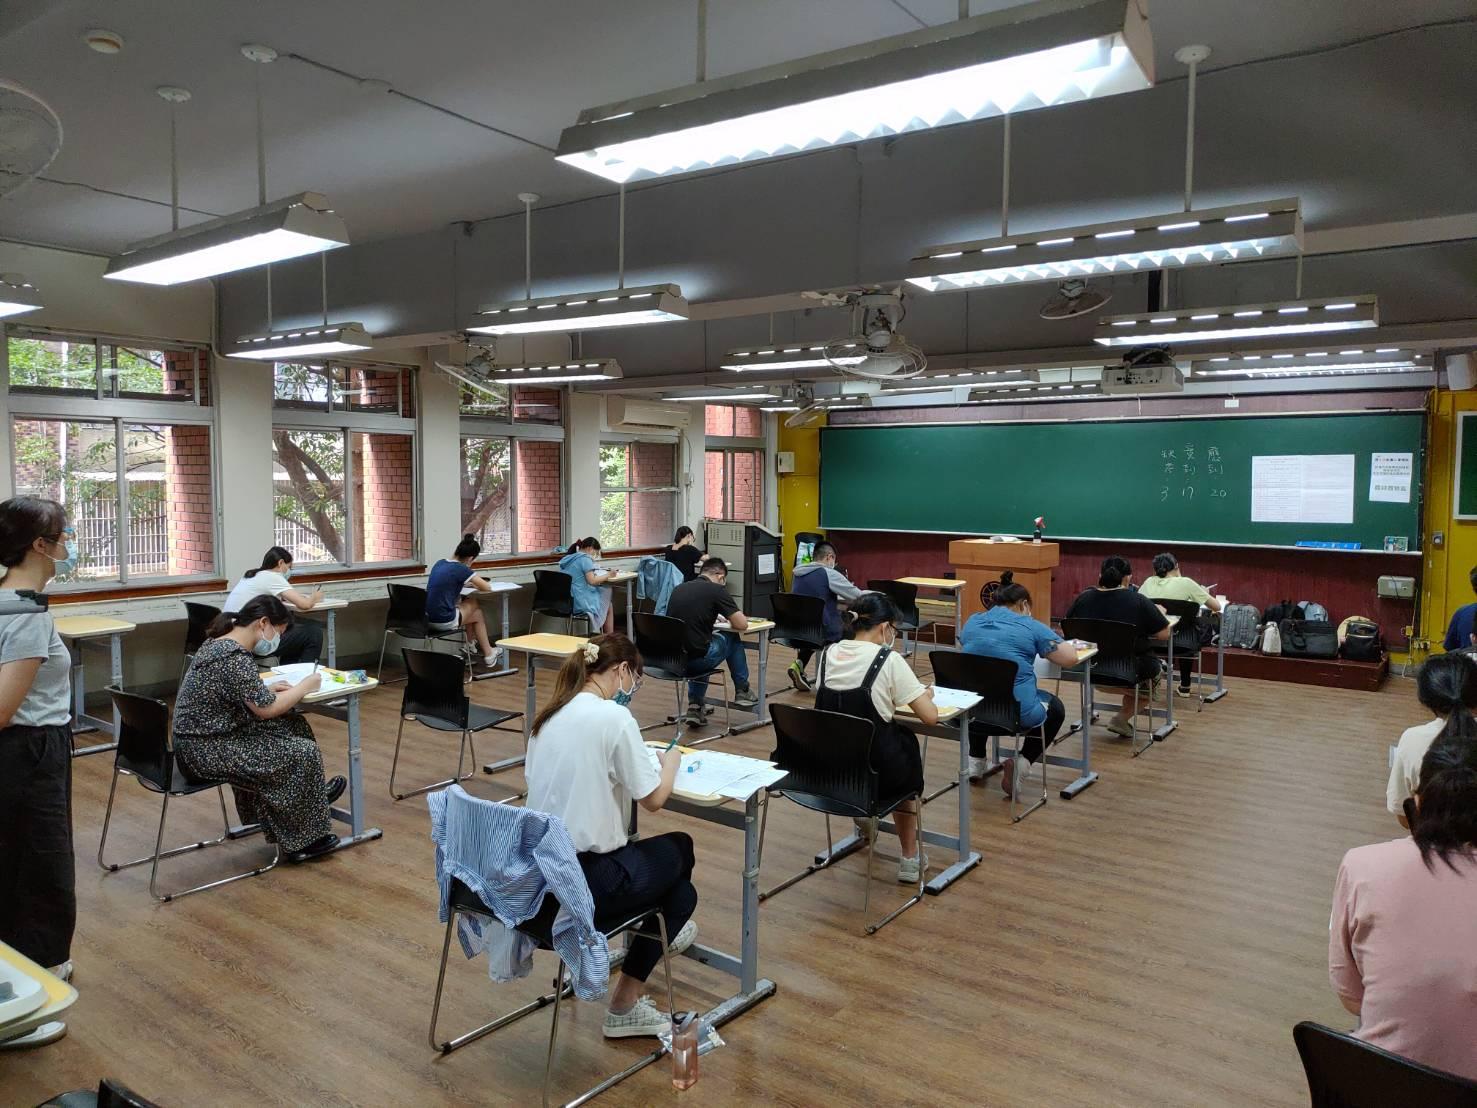 教師資格考試:試場人數調降至20人,維持社交距離